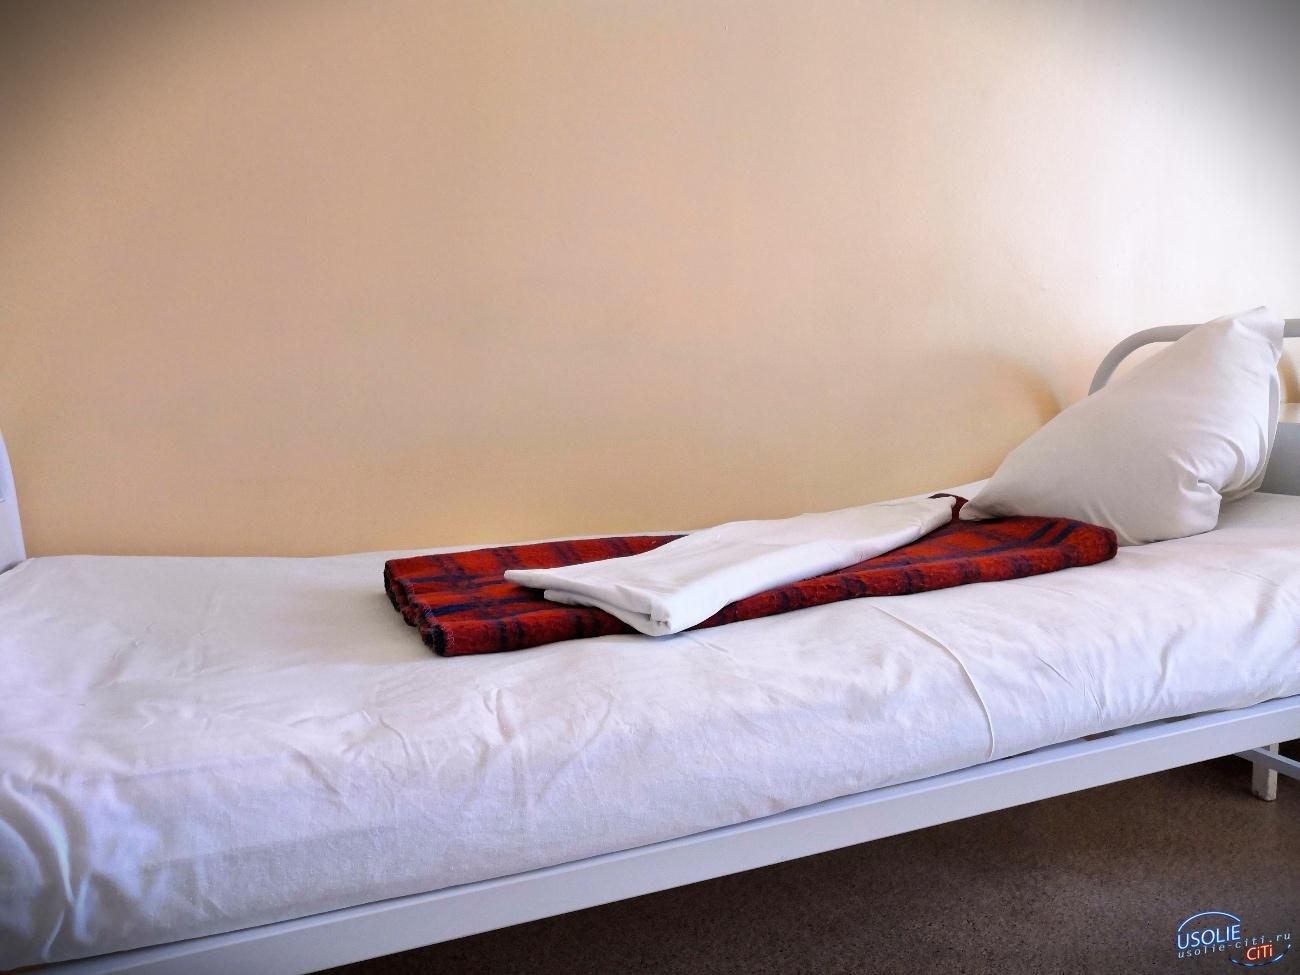 В Усолье жена воткнула в мужа нож, он же огрел ее битой. Оба сбежали из больницы